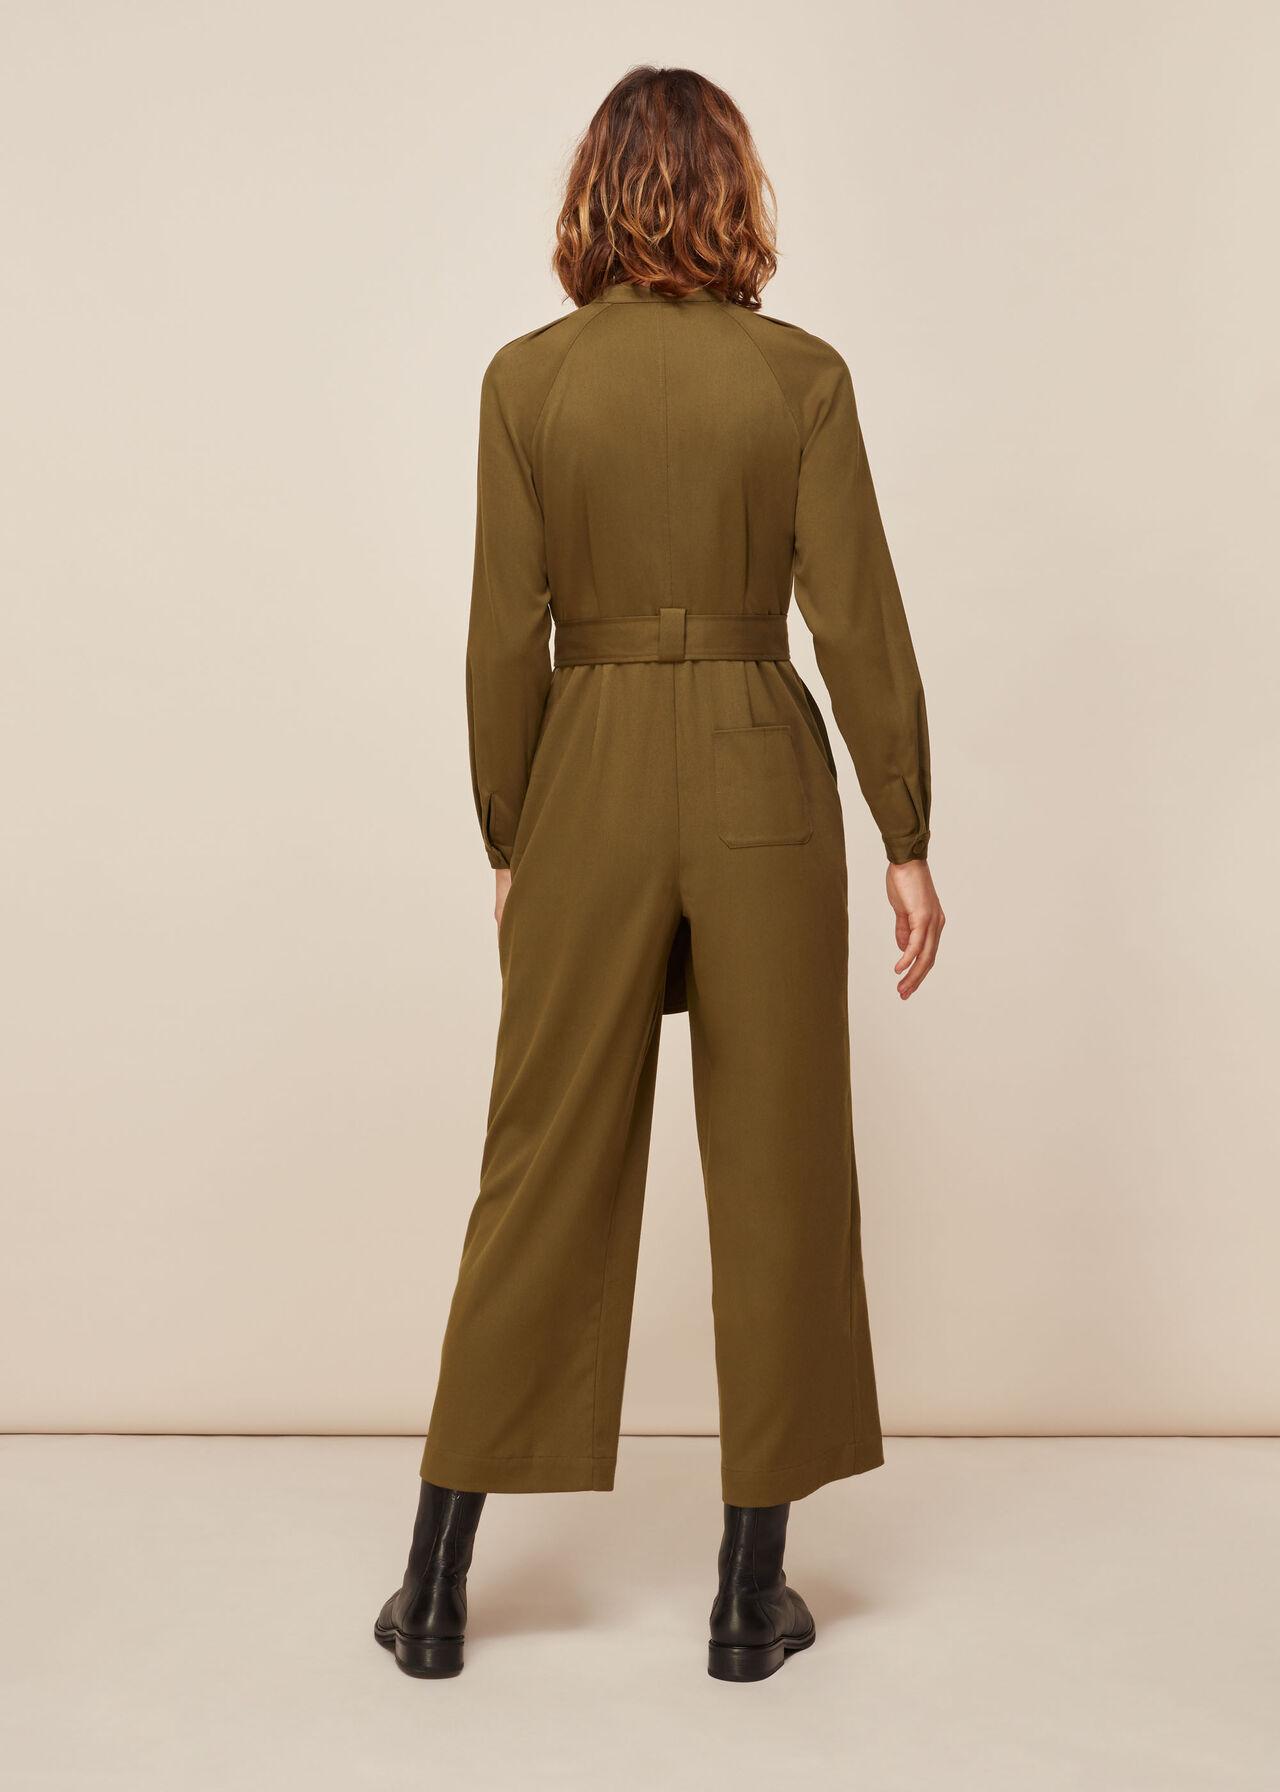 Tie Front Jumpsuit